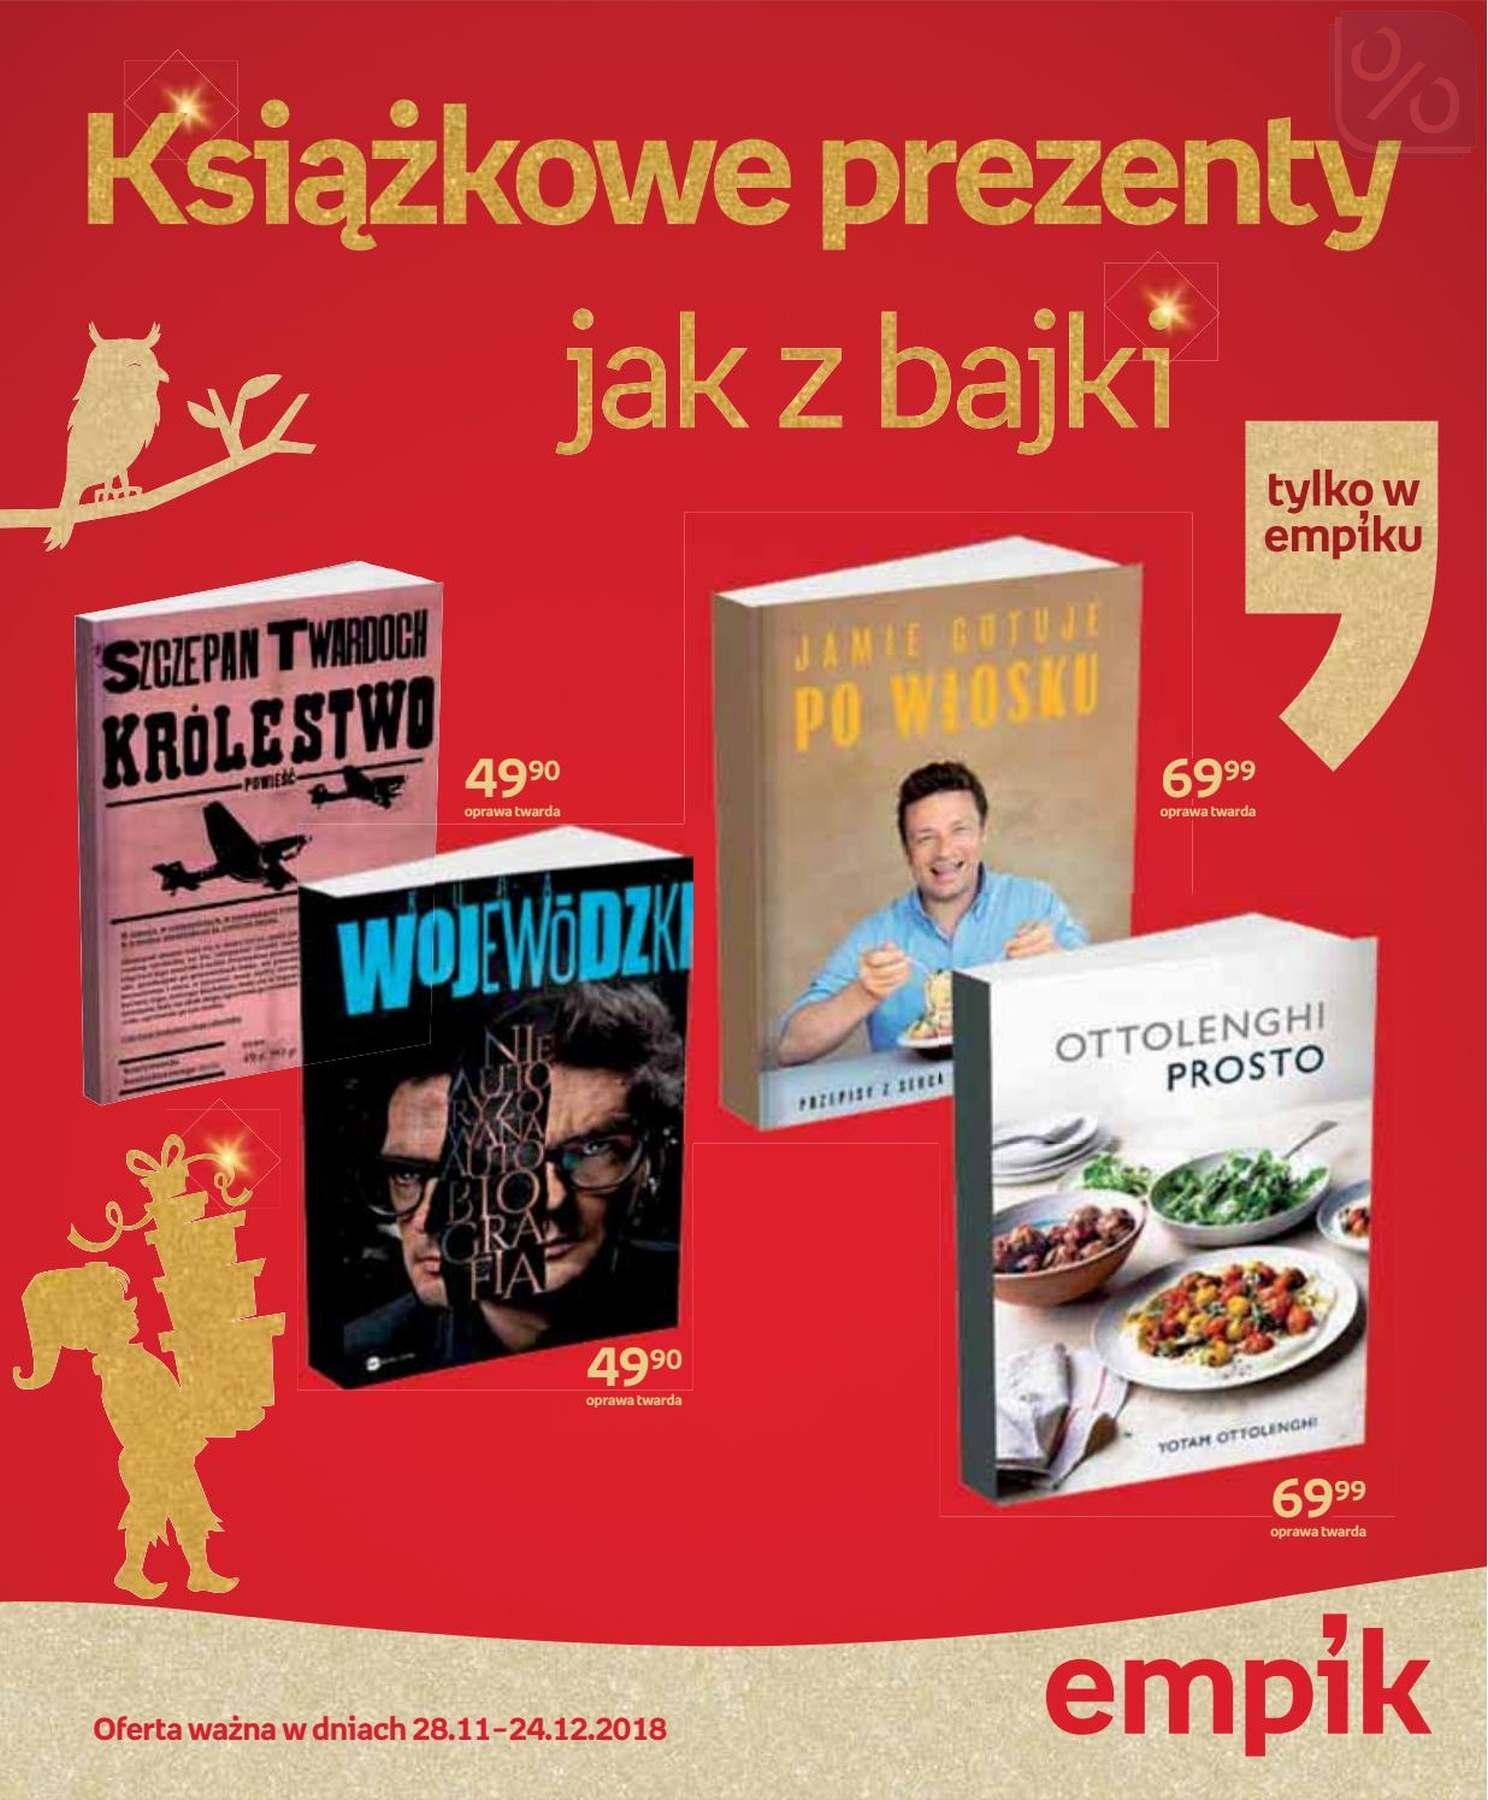 Gazetka promocyjna empik do 24/12/2018 str.1